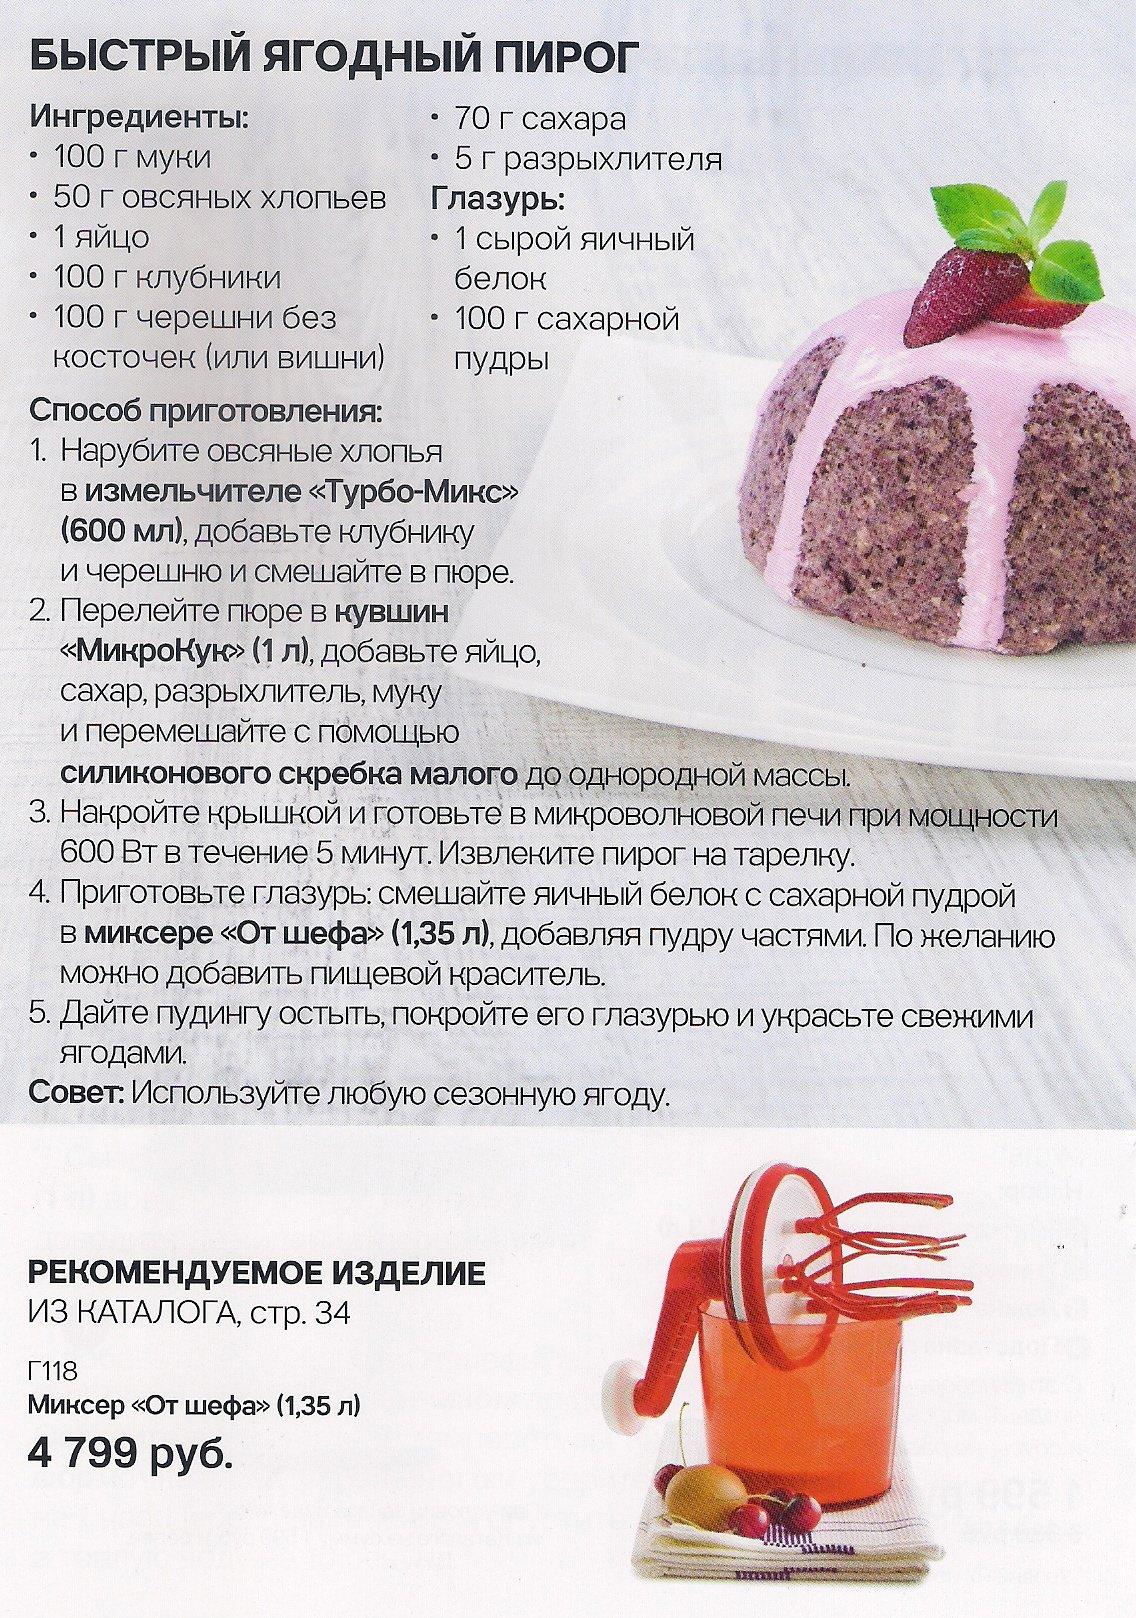 http://tupperware-online.ru/images/upload/s6.jpg